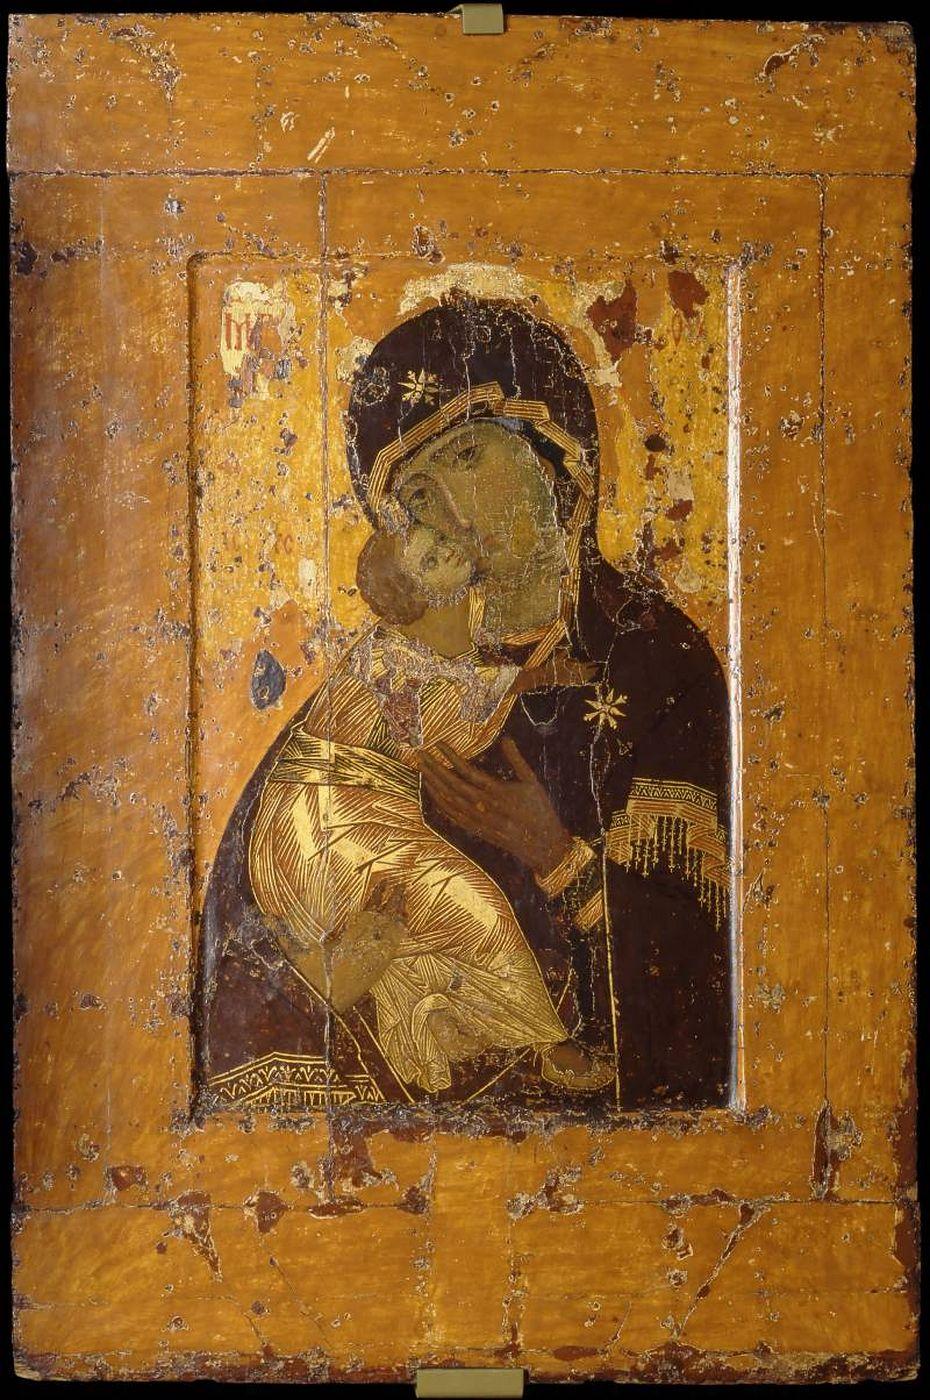 L'icona della Madre di Dio di Vladimir oggi custodita alla Galleria Tret'jakov di Mosca